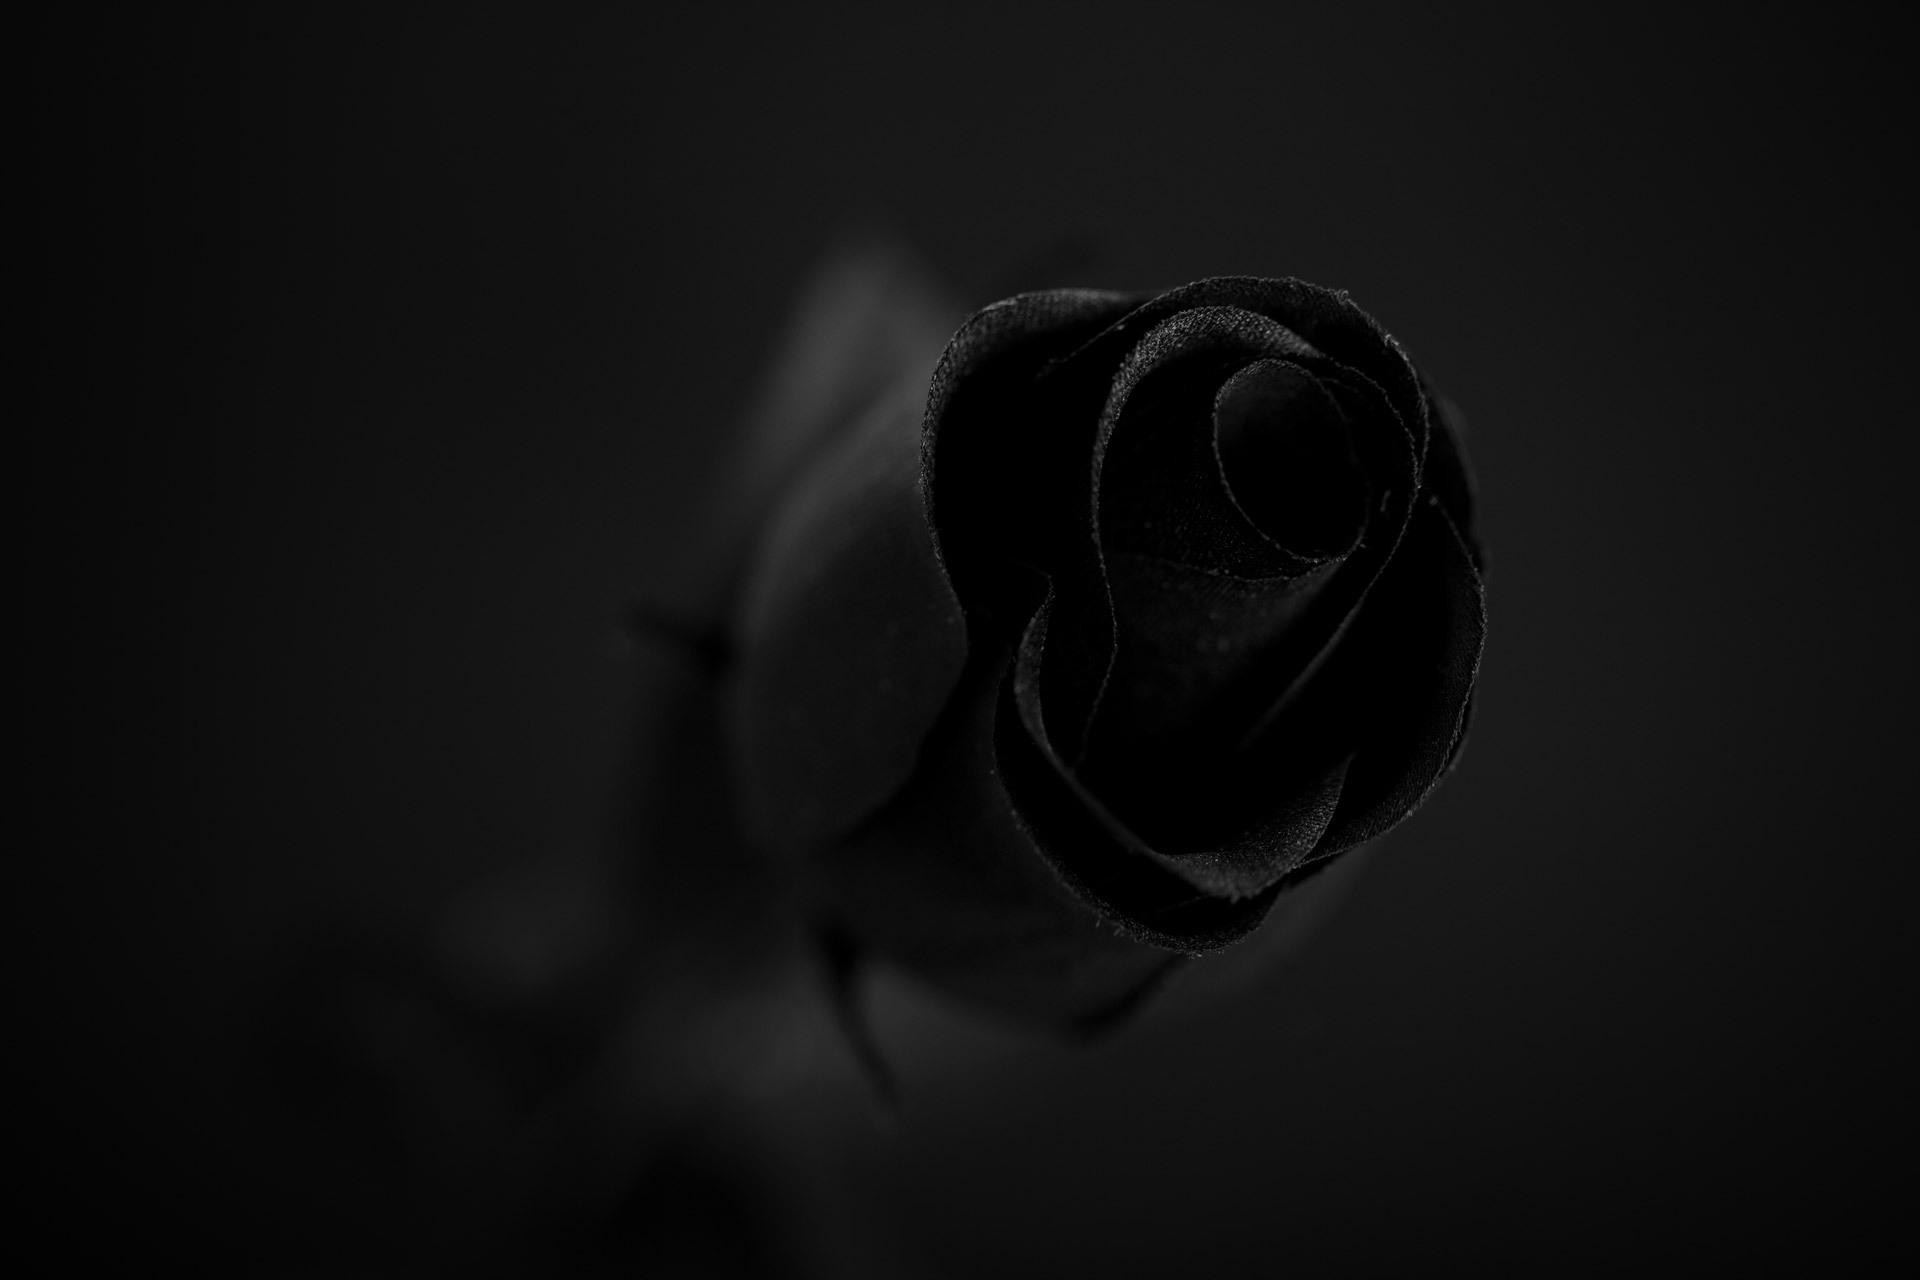 Black Rose Images